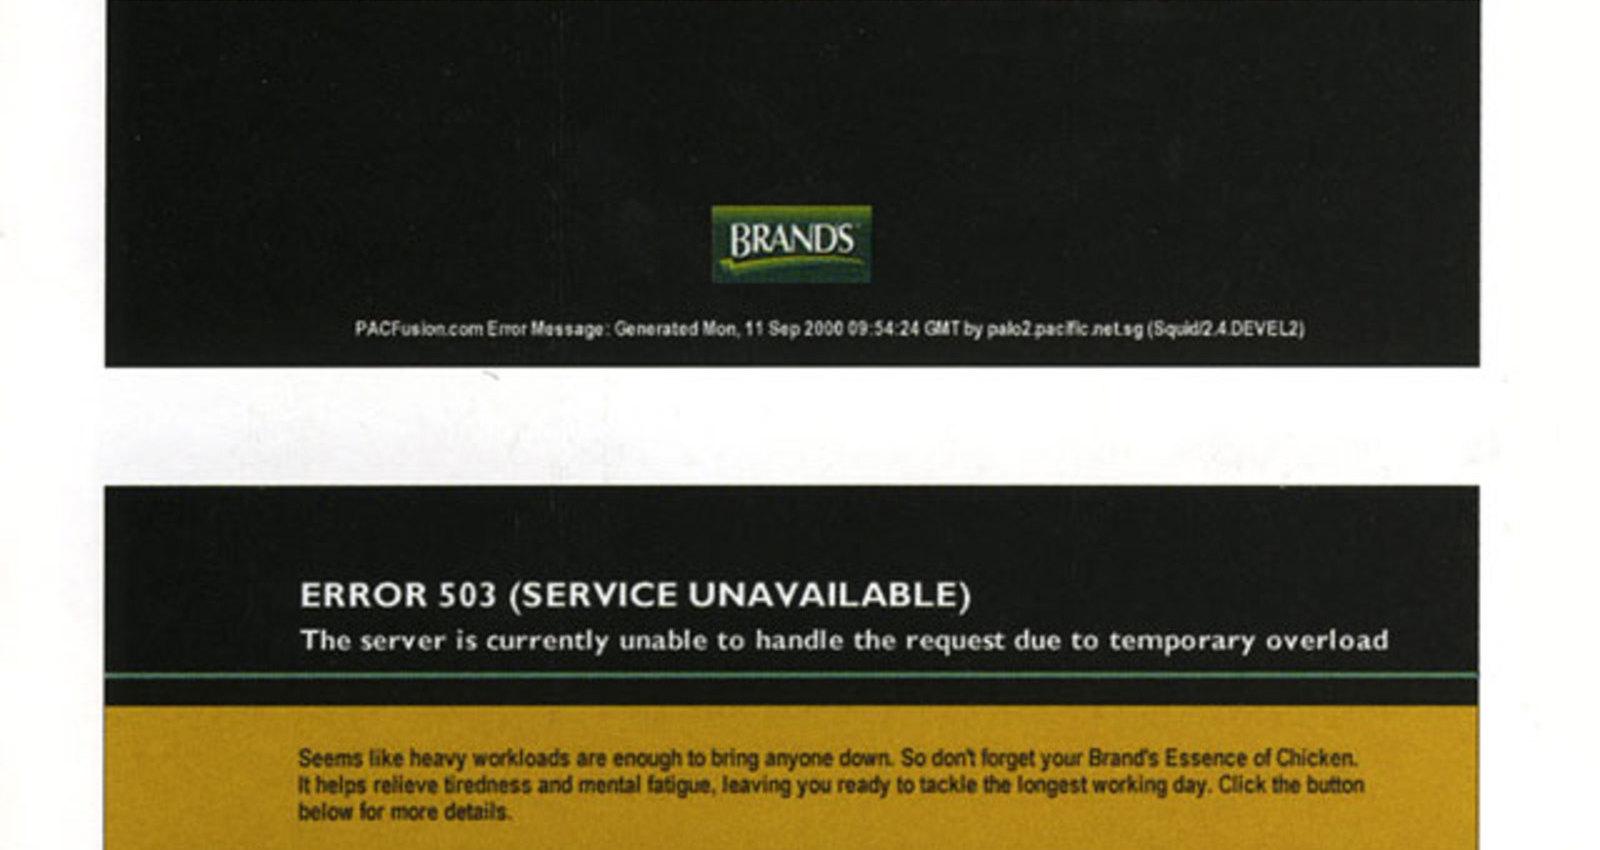 Brands Error Page